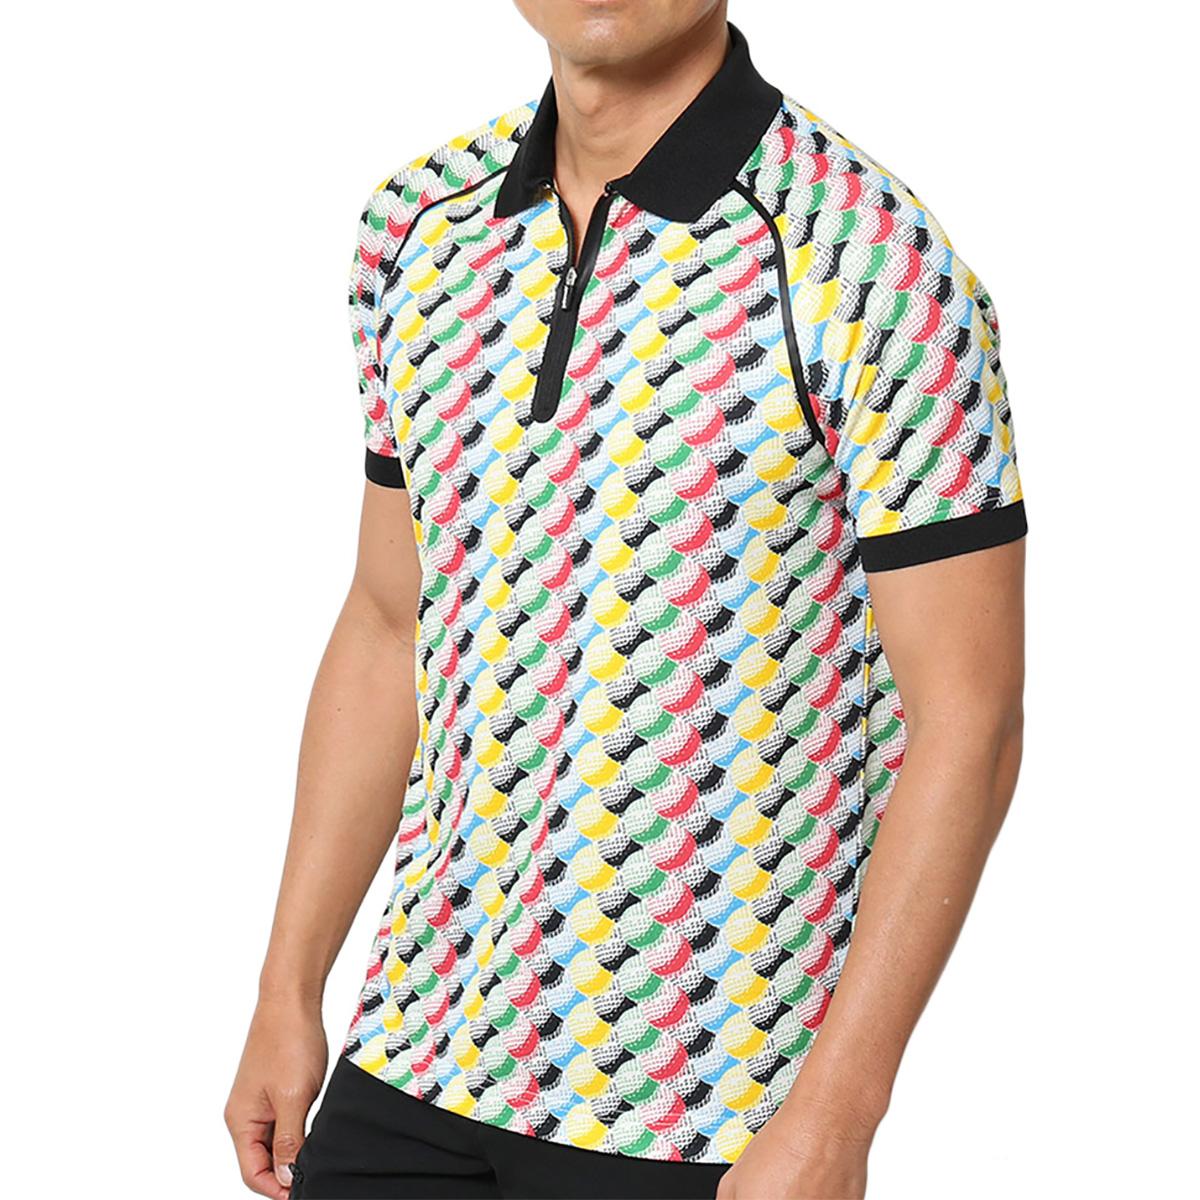 ボールパターン柄 半袖ポロシャツ